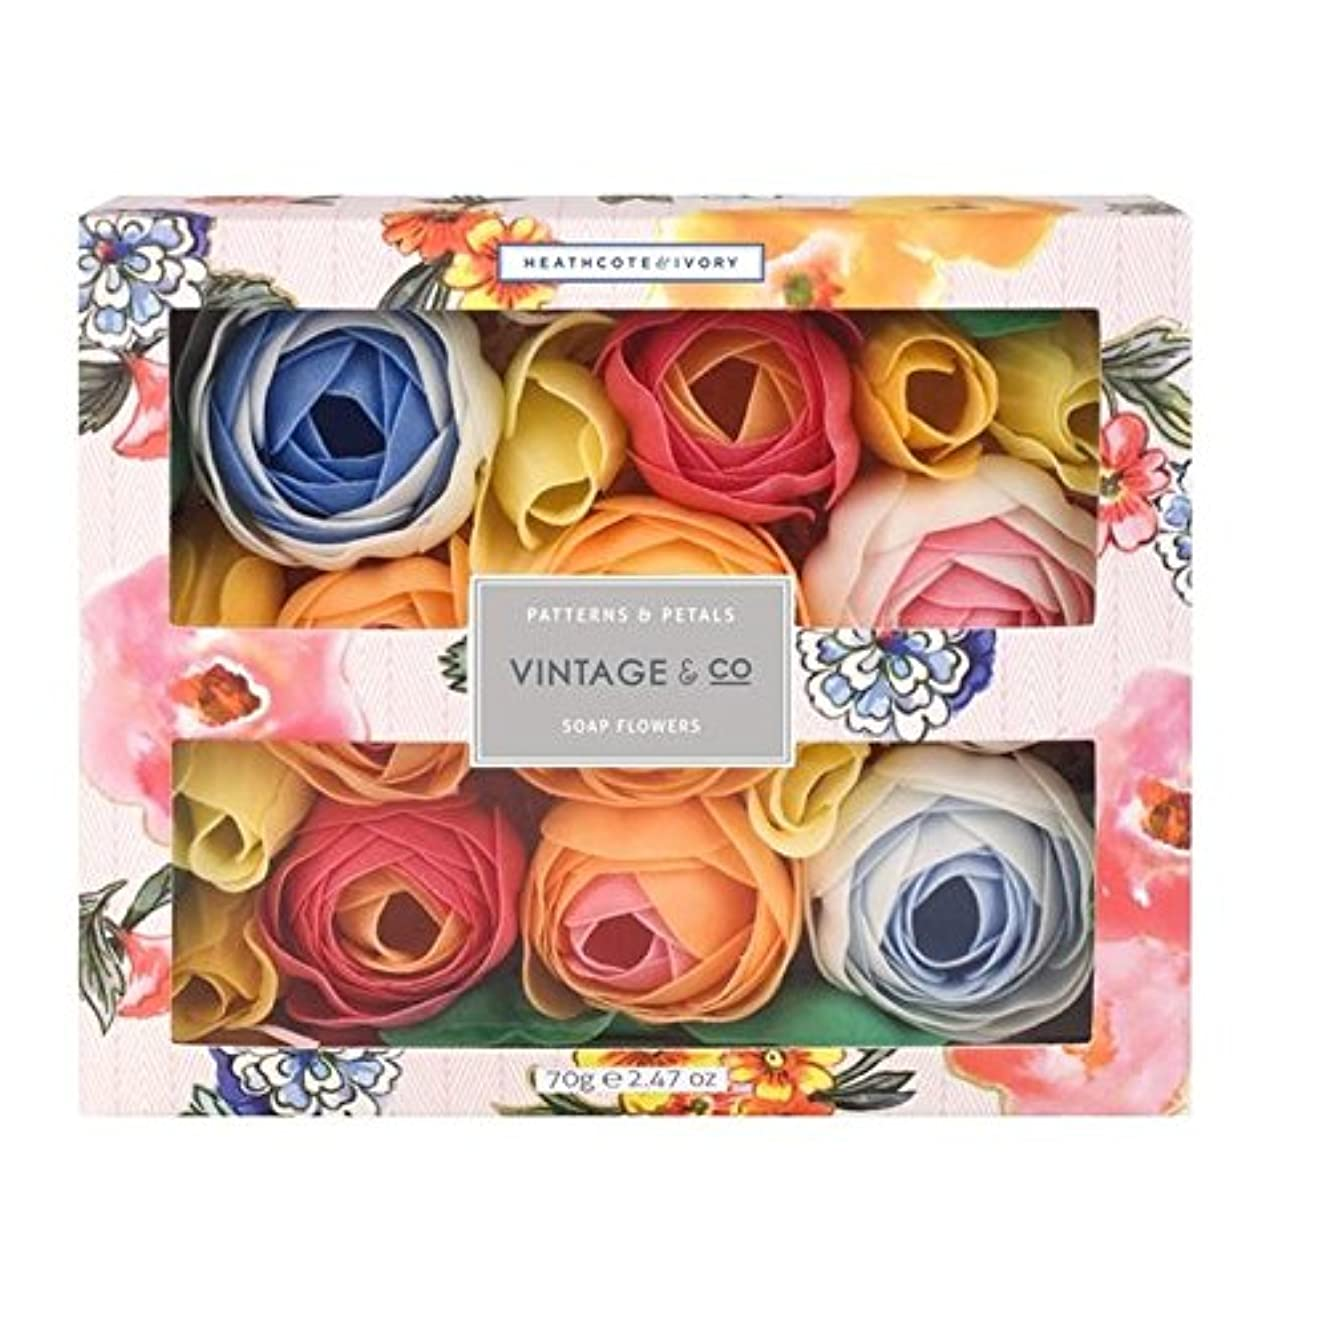 メカニック宝石仕様Heathcote & Ivory Patterns & Petals Soap Flowers 70g (Pack of 6) - ヒースコート&アイボリーパターン&花びら石鹸の花70グラム x6 [並行輸入品]